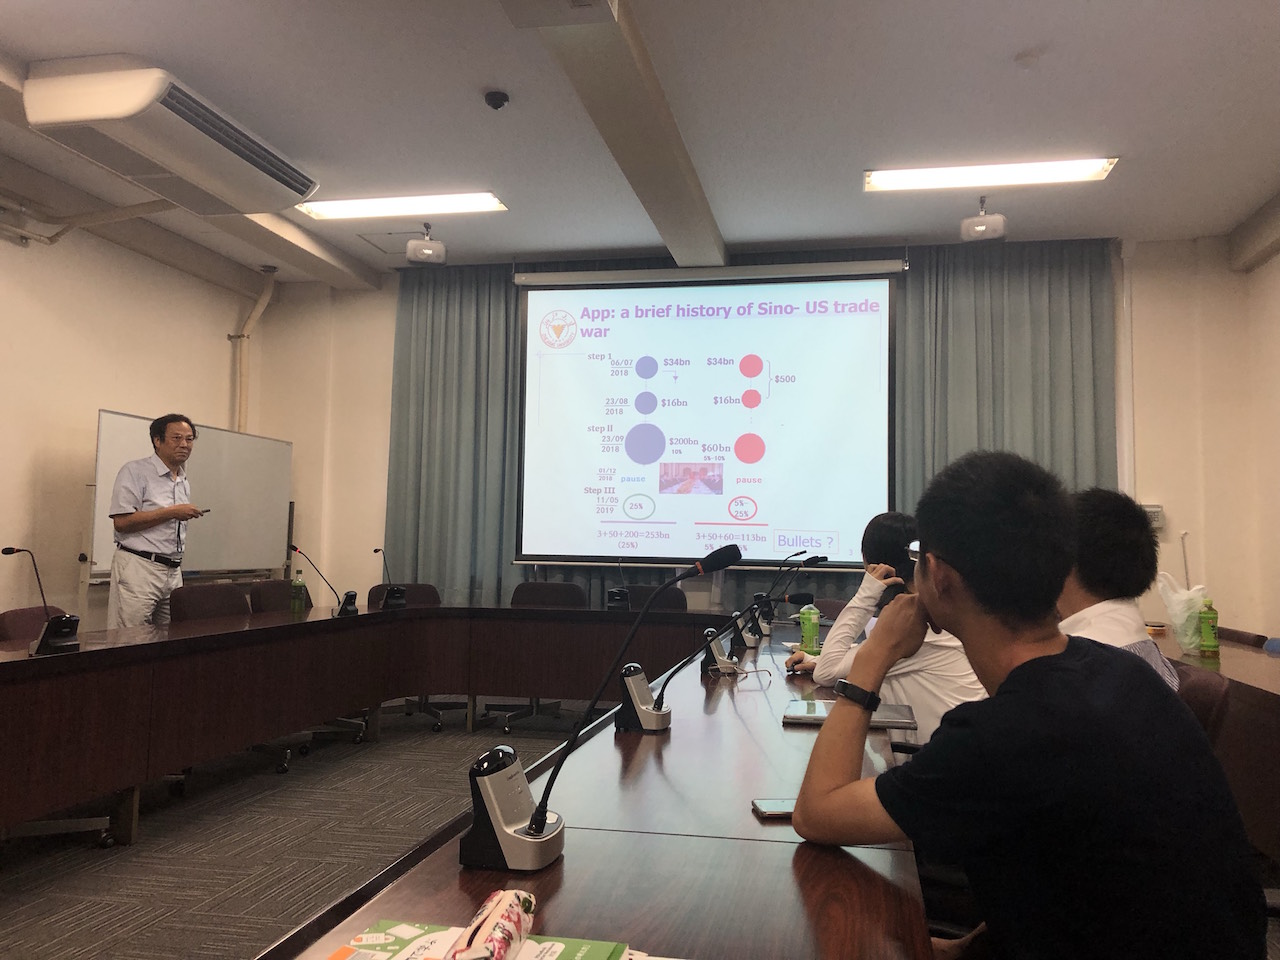 経済学部と社会文化科学研究科共催の経済セミナーが開かれました。